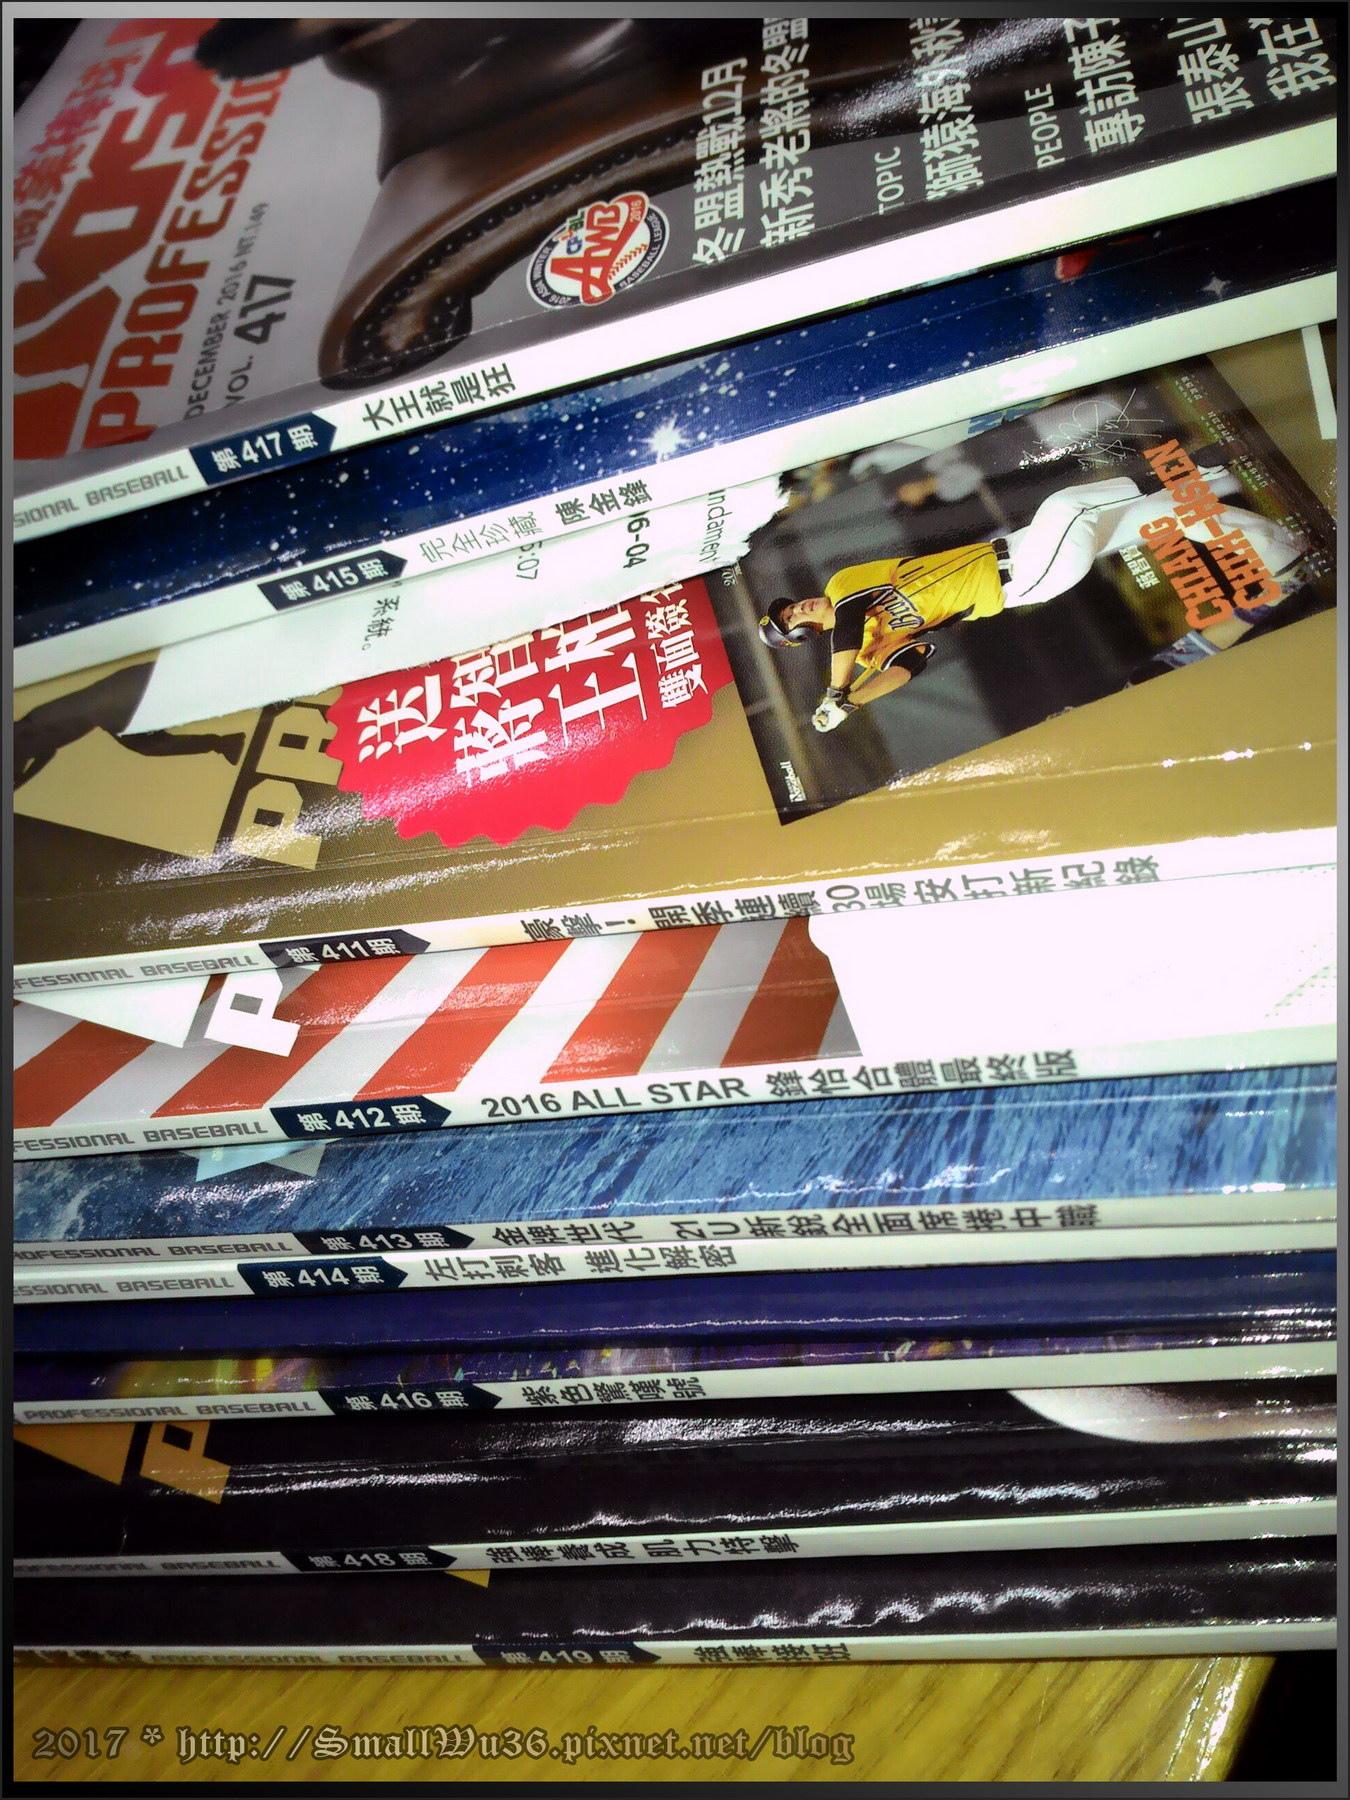 [中職雜誌] 職業棒球月刊 棒球紀錄法教學-005.jpg